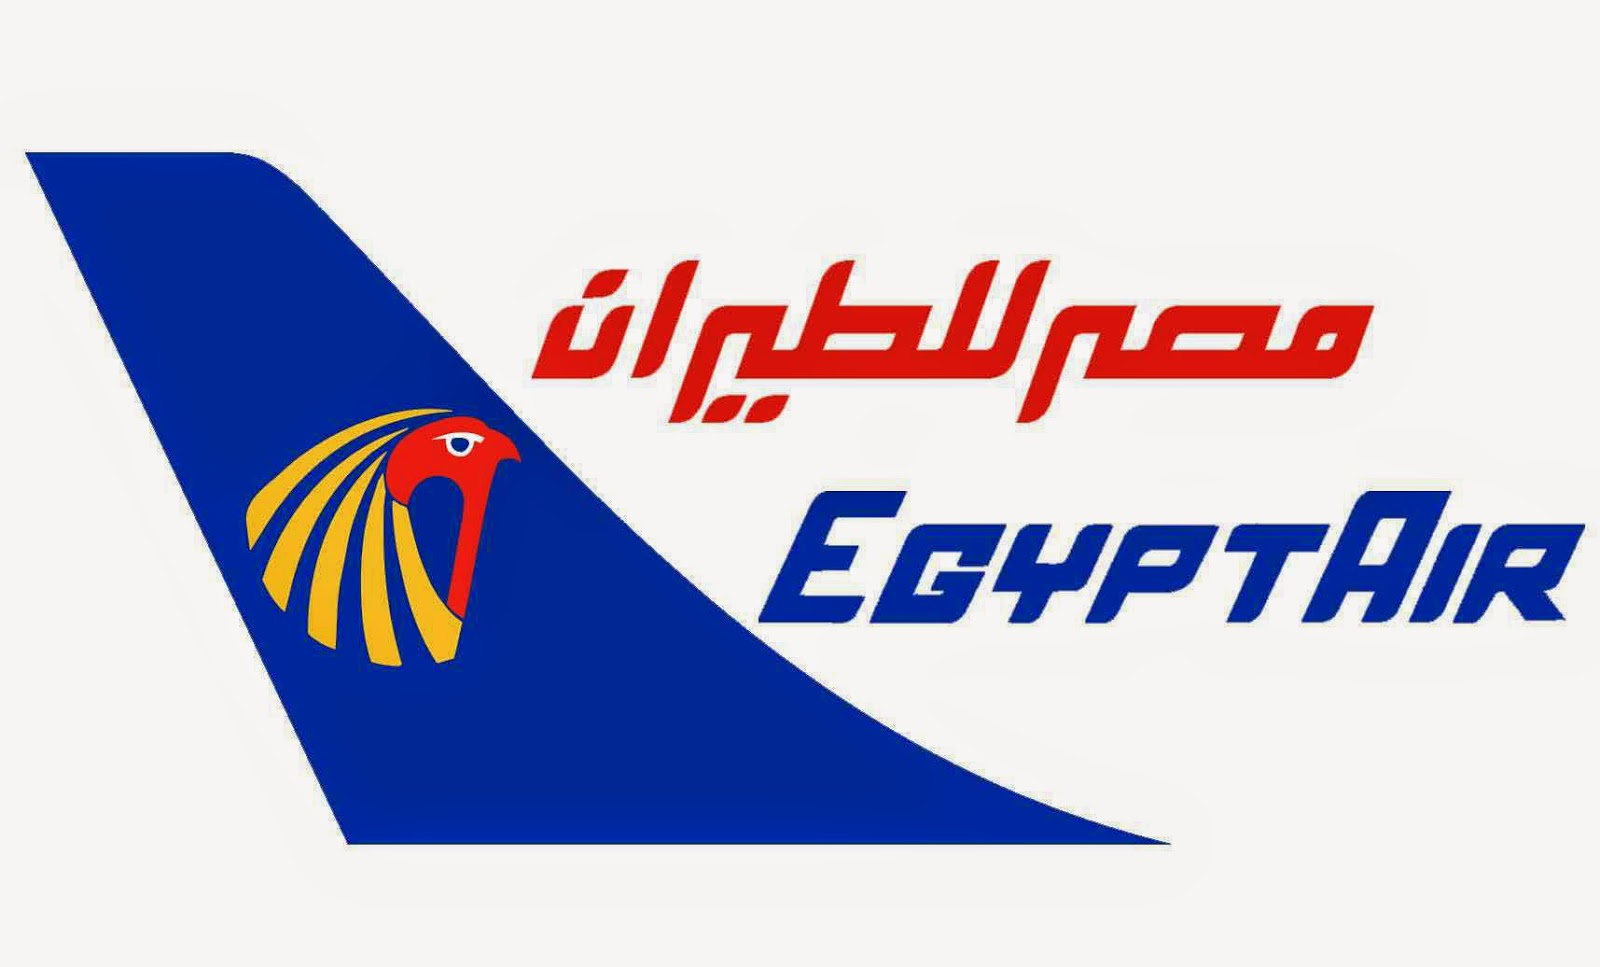 اسعار تذاكر الطيران من مصر الى السعودية 2018 حجز تذاكر طيران رخيصة الي السعودية